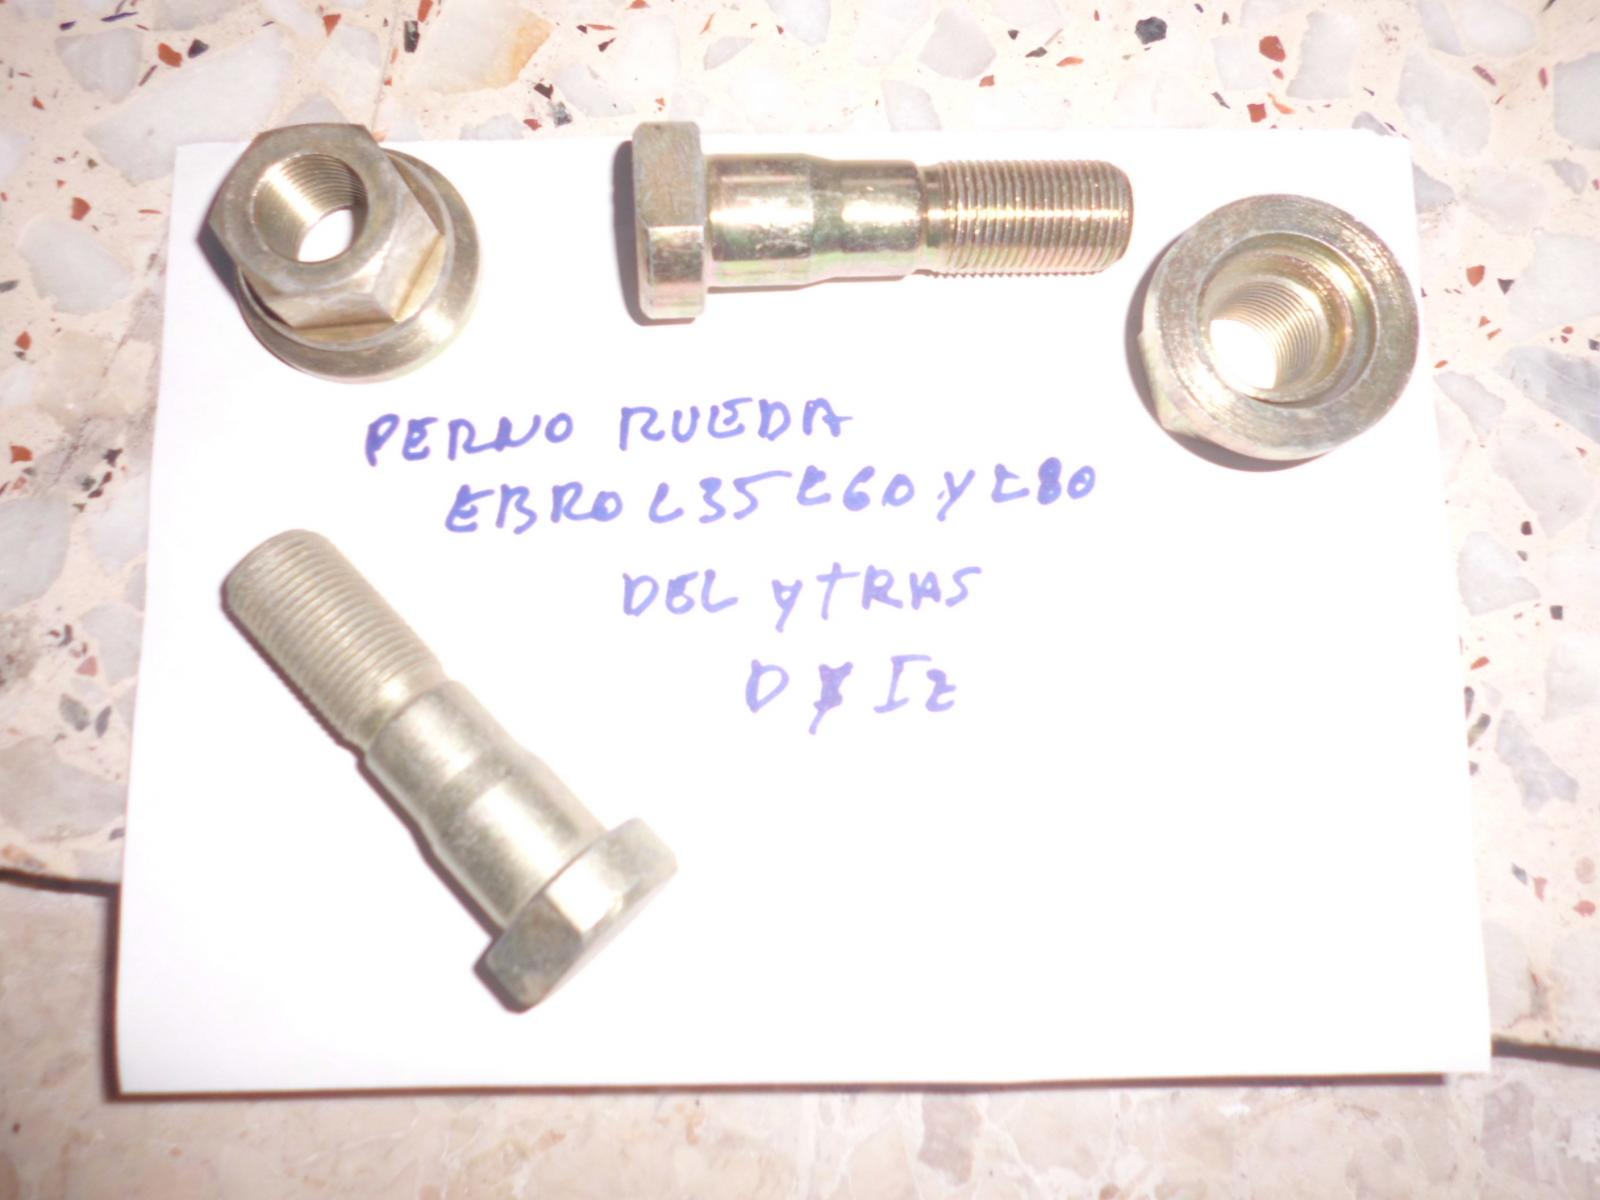 Perno de rueda de Ebro L35, L60 y L80